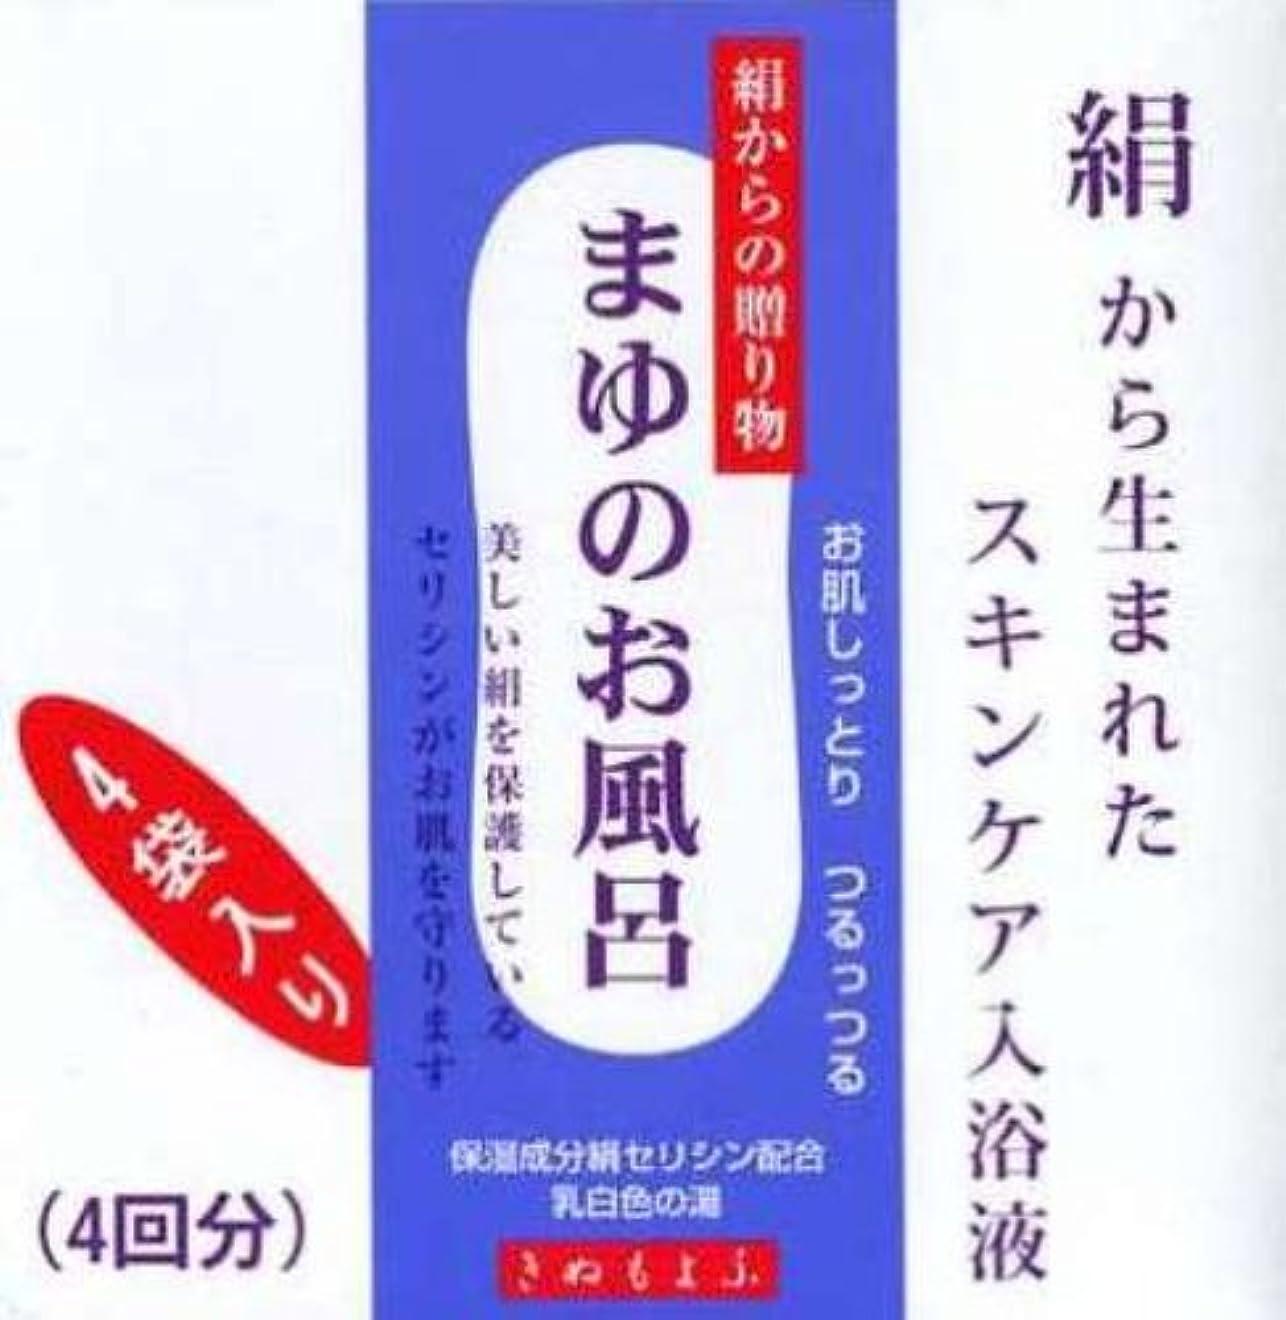 状態再編成する確かにまゆシリーズ きぬもよふ まゆのお風呂 25ml(1回分×4袋)